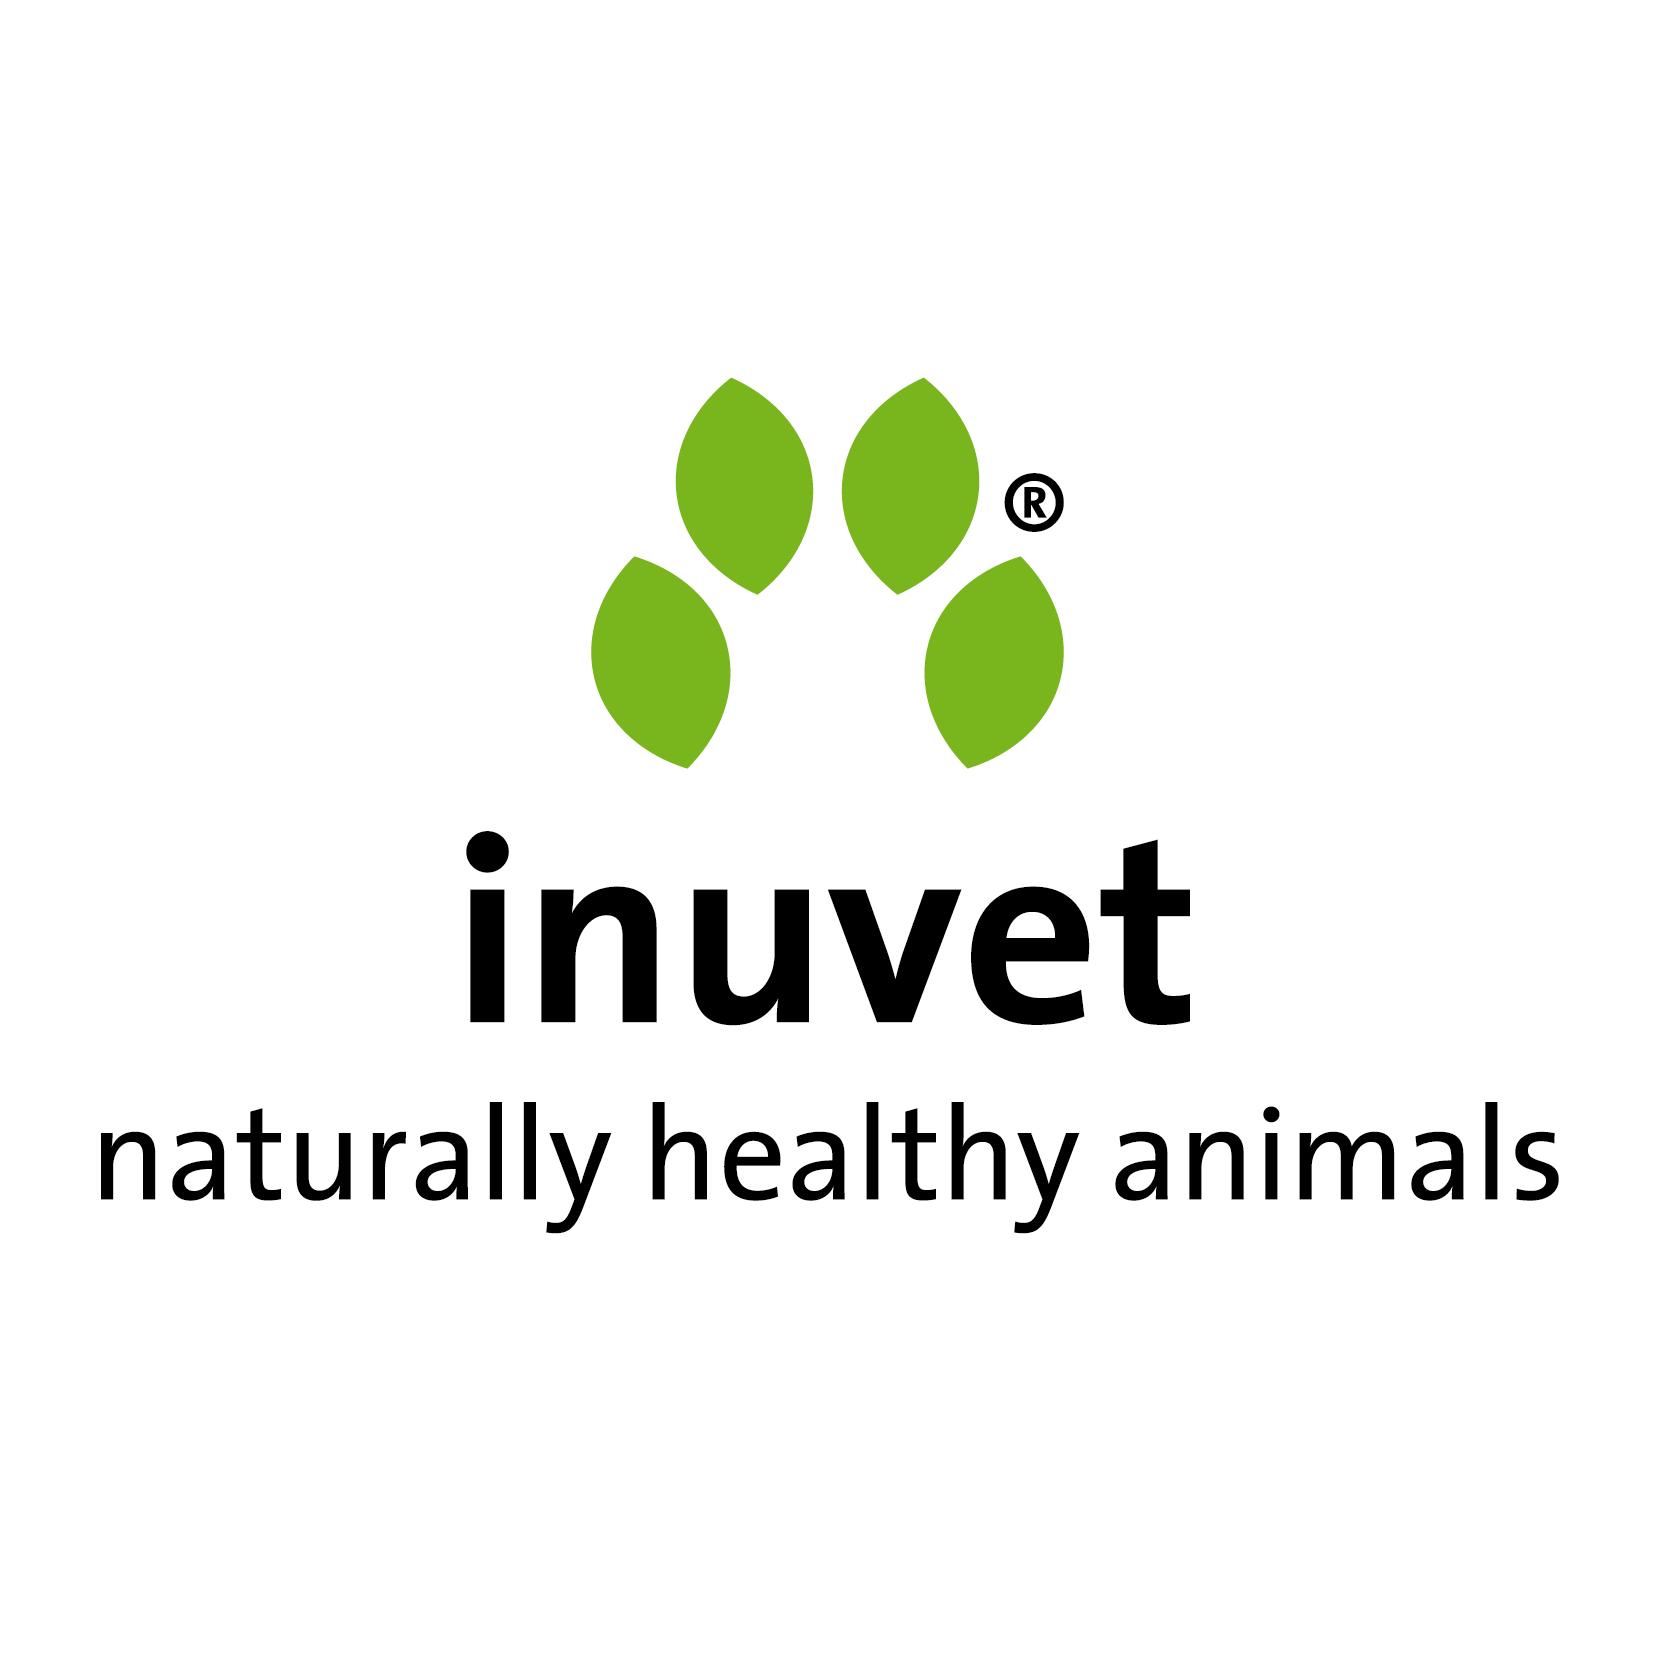 Inuvet pentru animale sănătoase